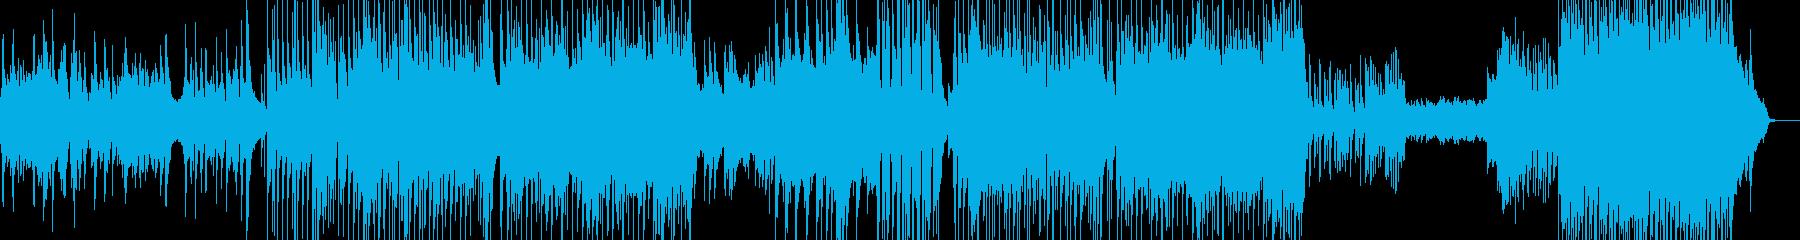 後半劇的・J-Pop風バラード ★L+の再生済みの波形